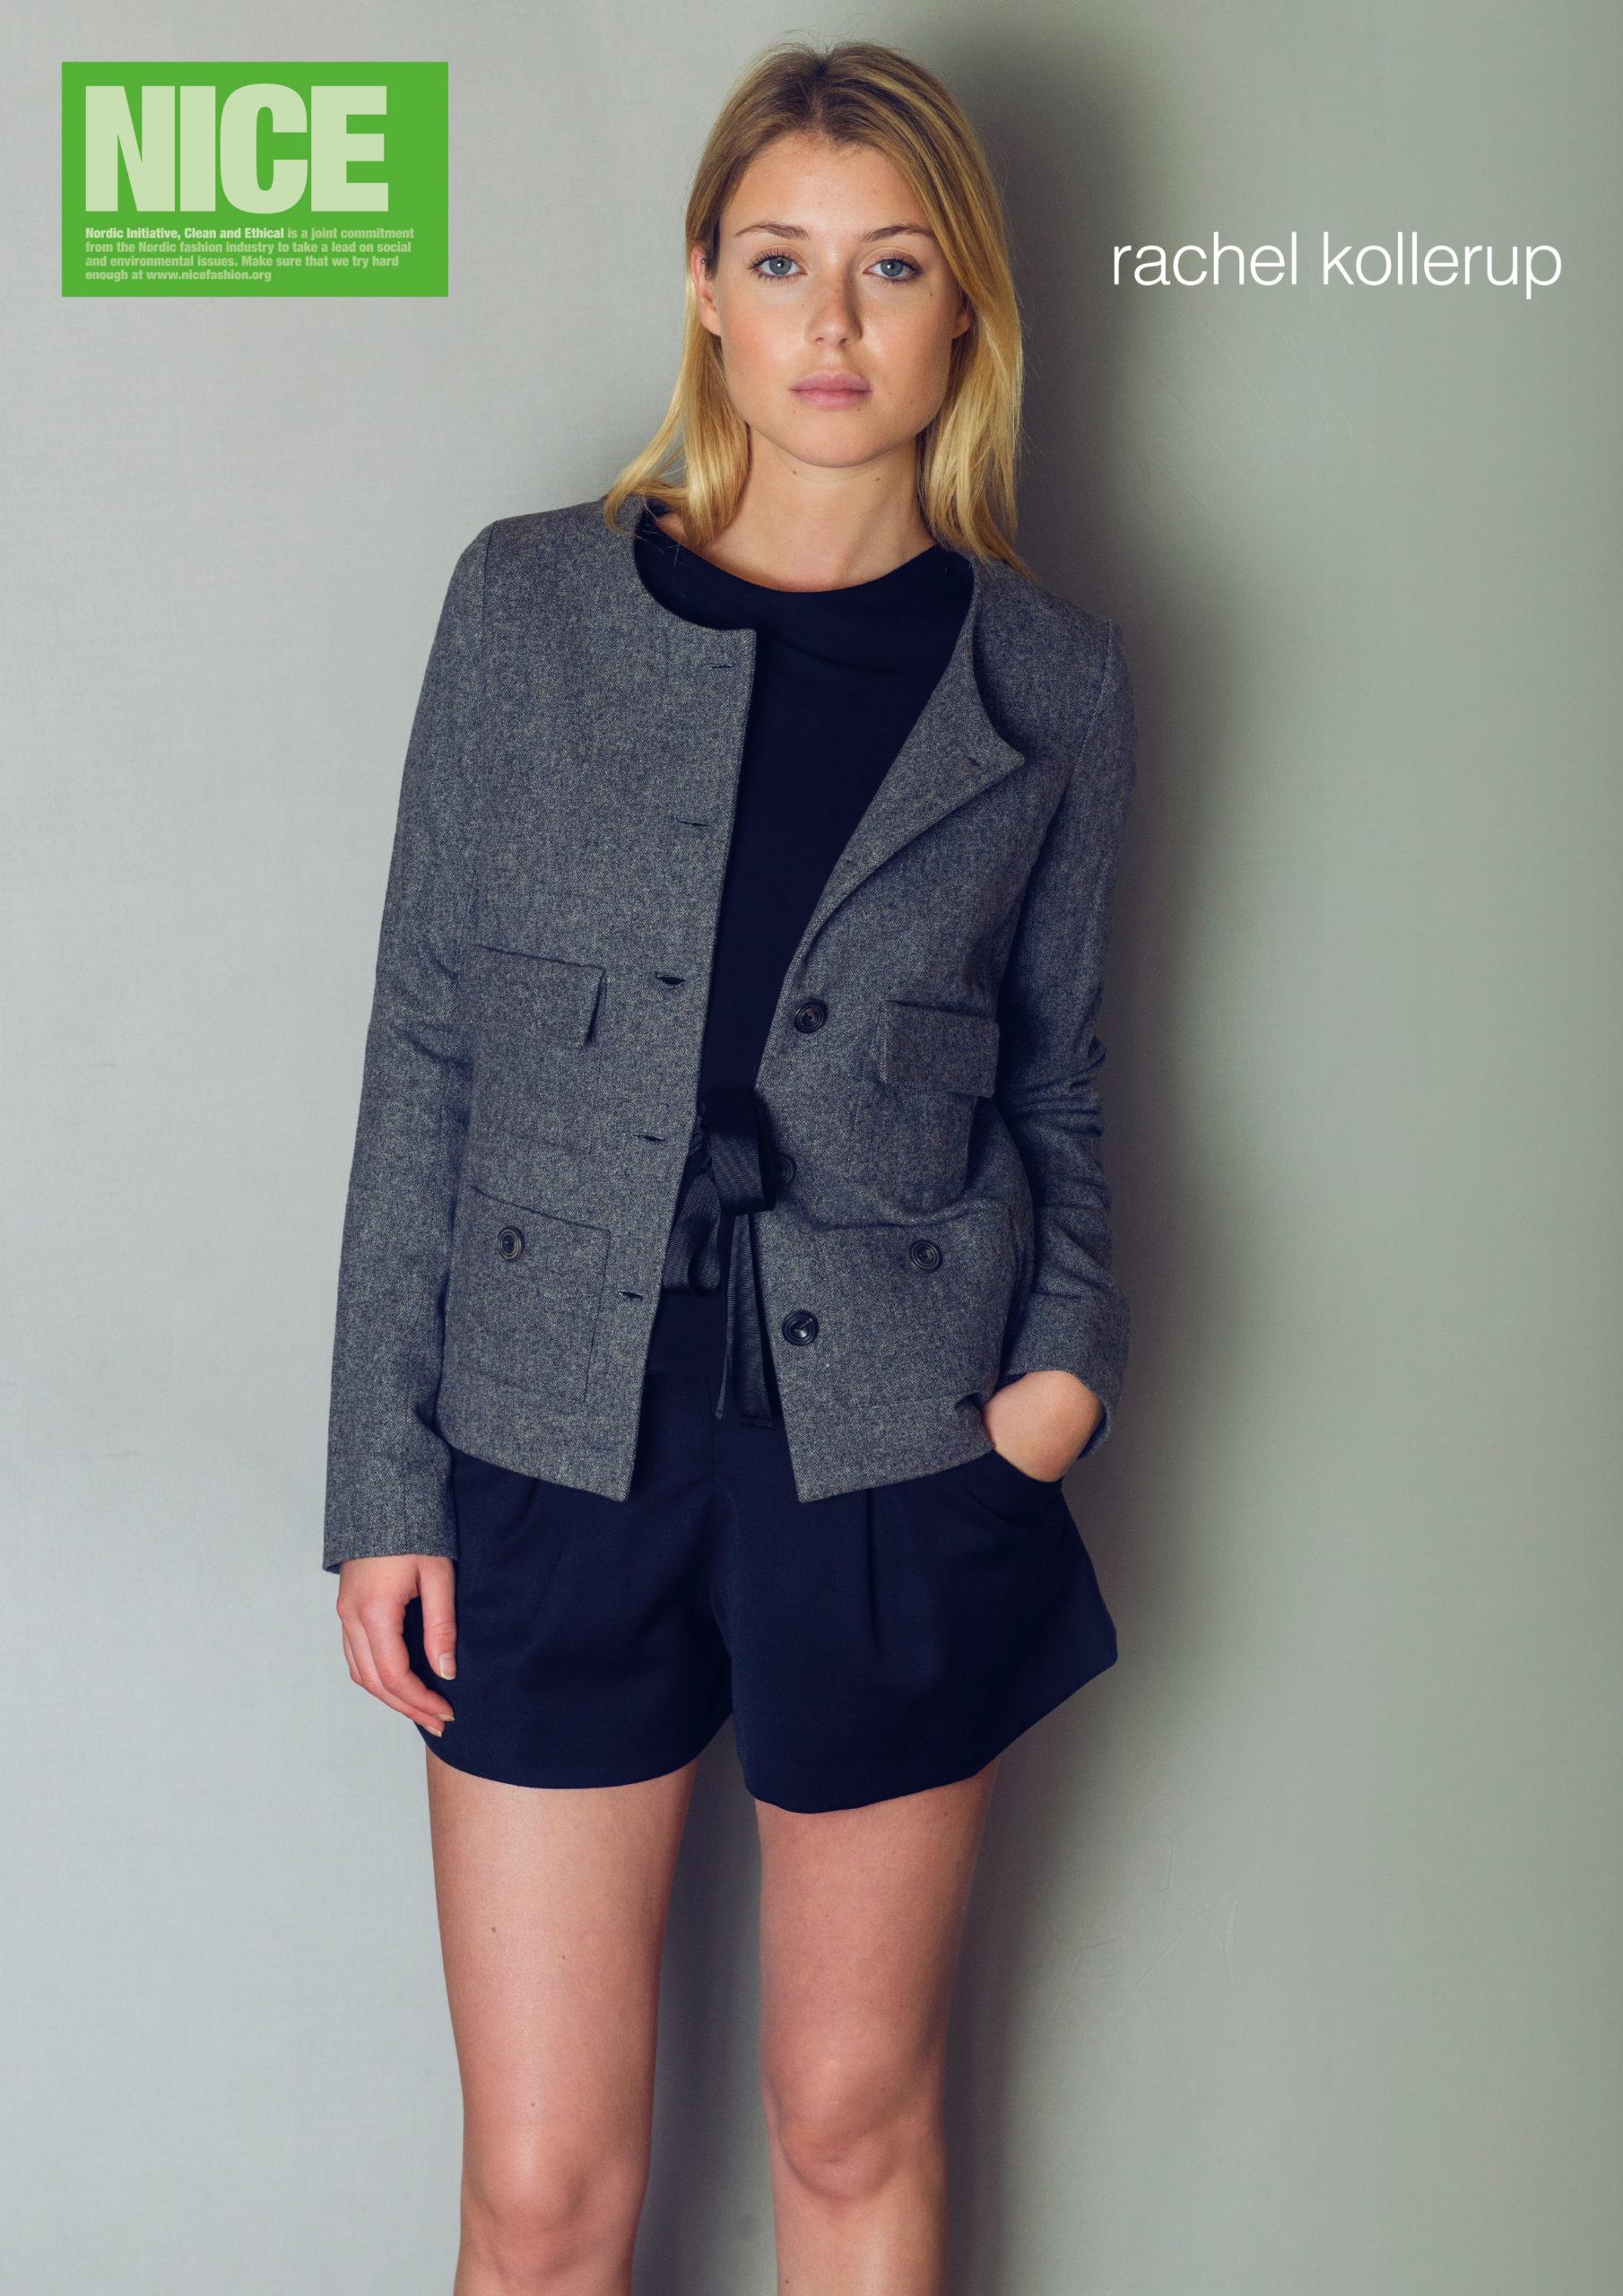 Jakke af genanvendt uld, langtidsholdbare sorte shorts og klassisk sort top. Det ene sæt fra Rachel Kollerup i NICE Kollektionen